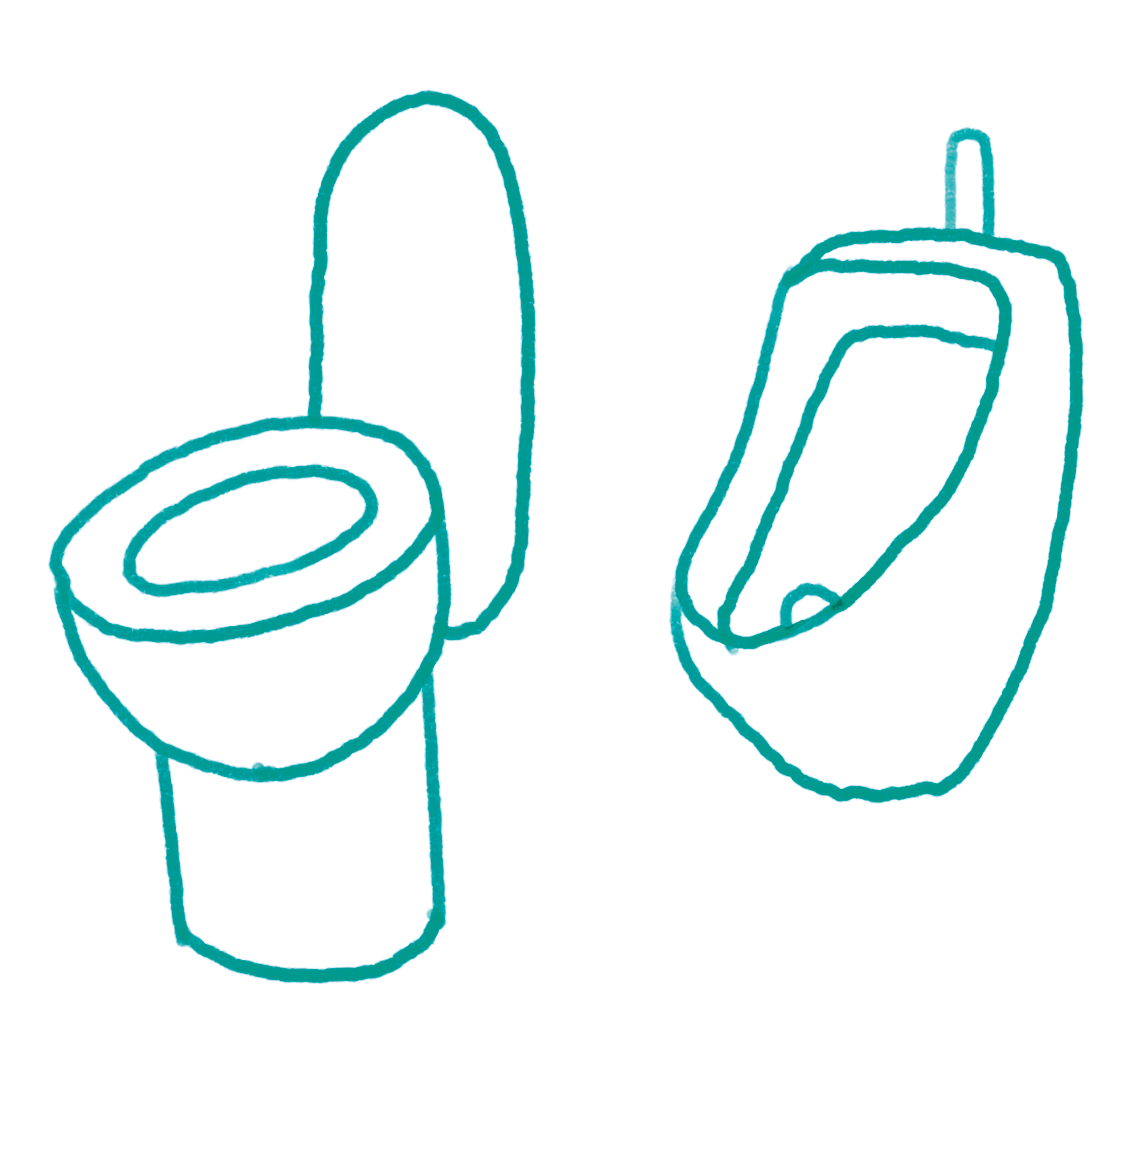 Wo kann ich auf Toilette gehen, wenn ich mich keinem Geschlecht eindeutig zuordne?